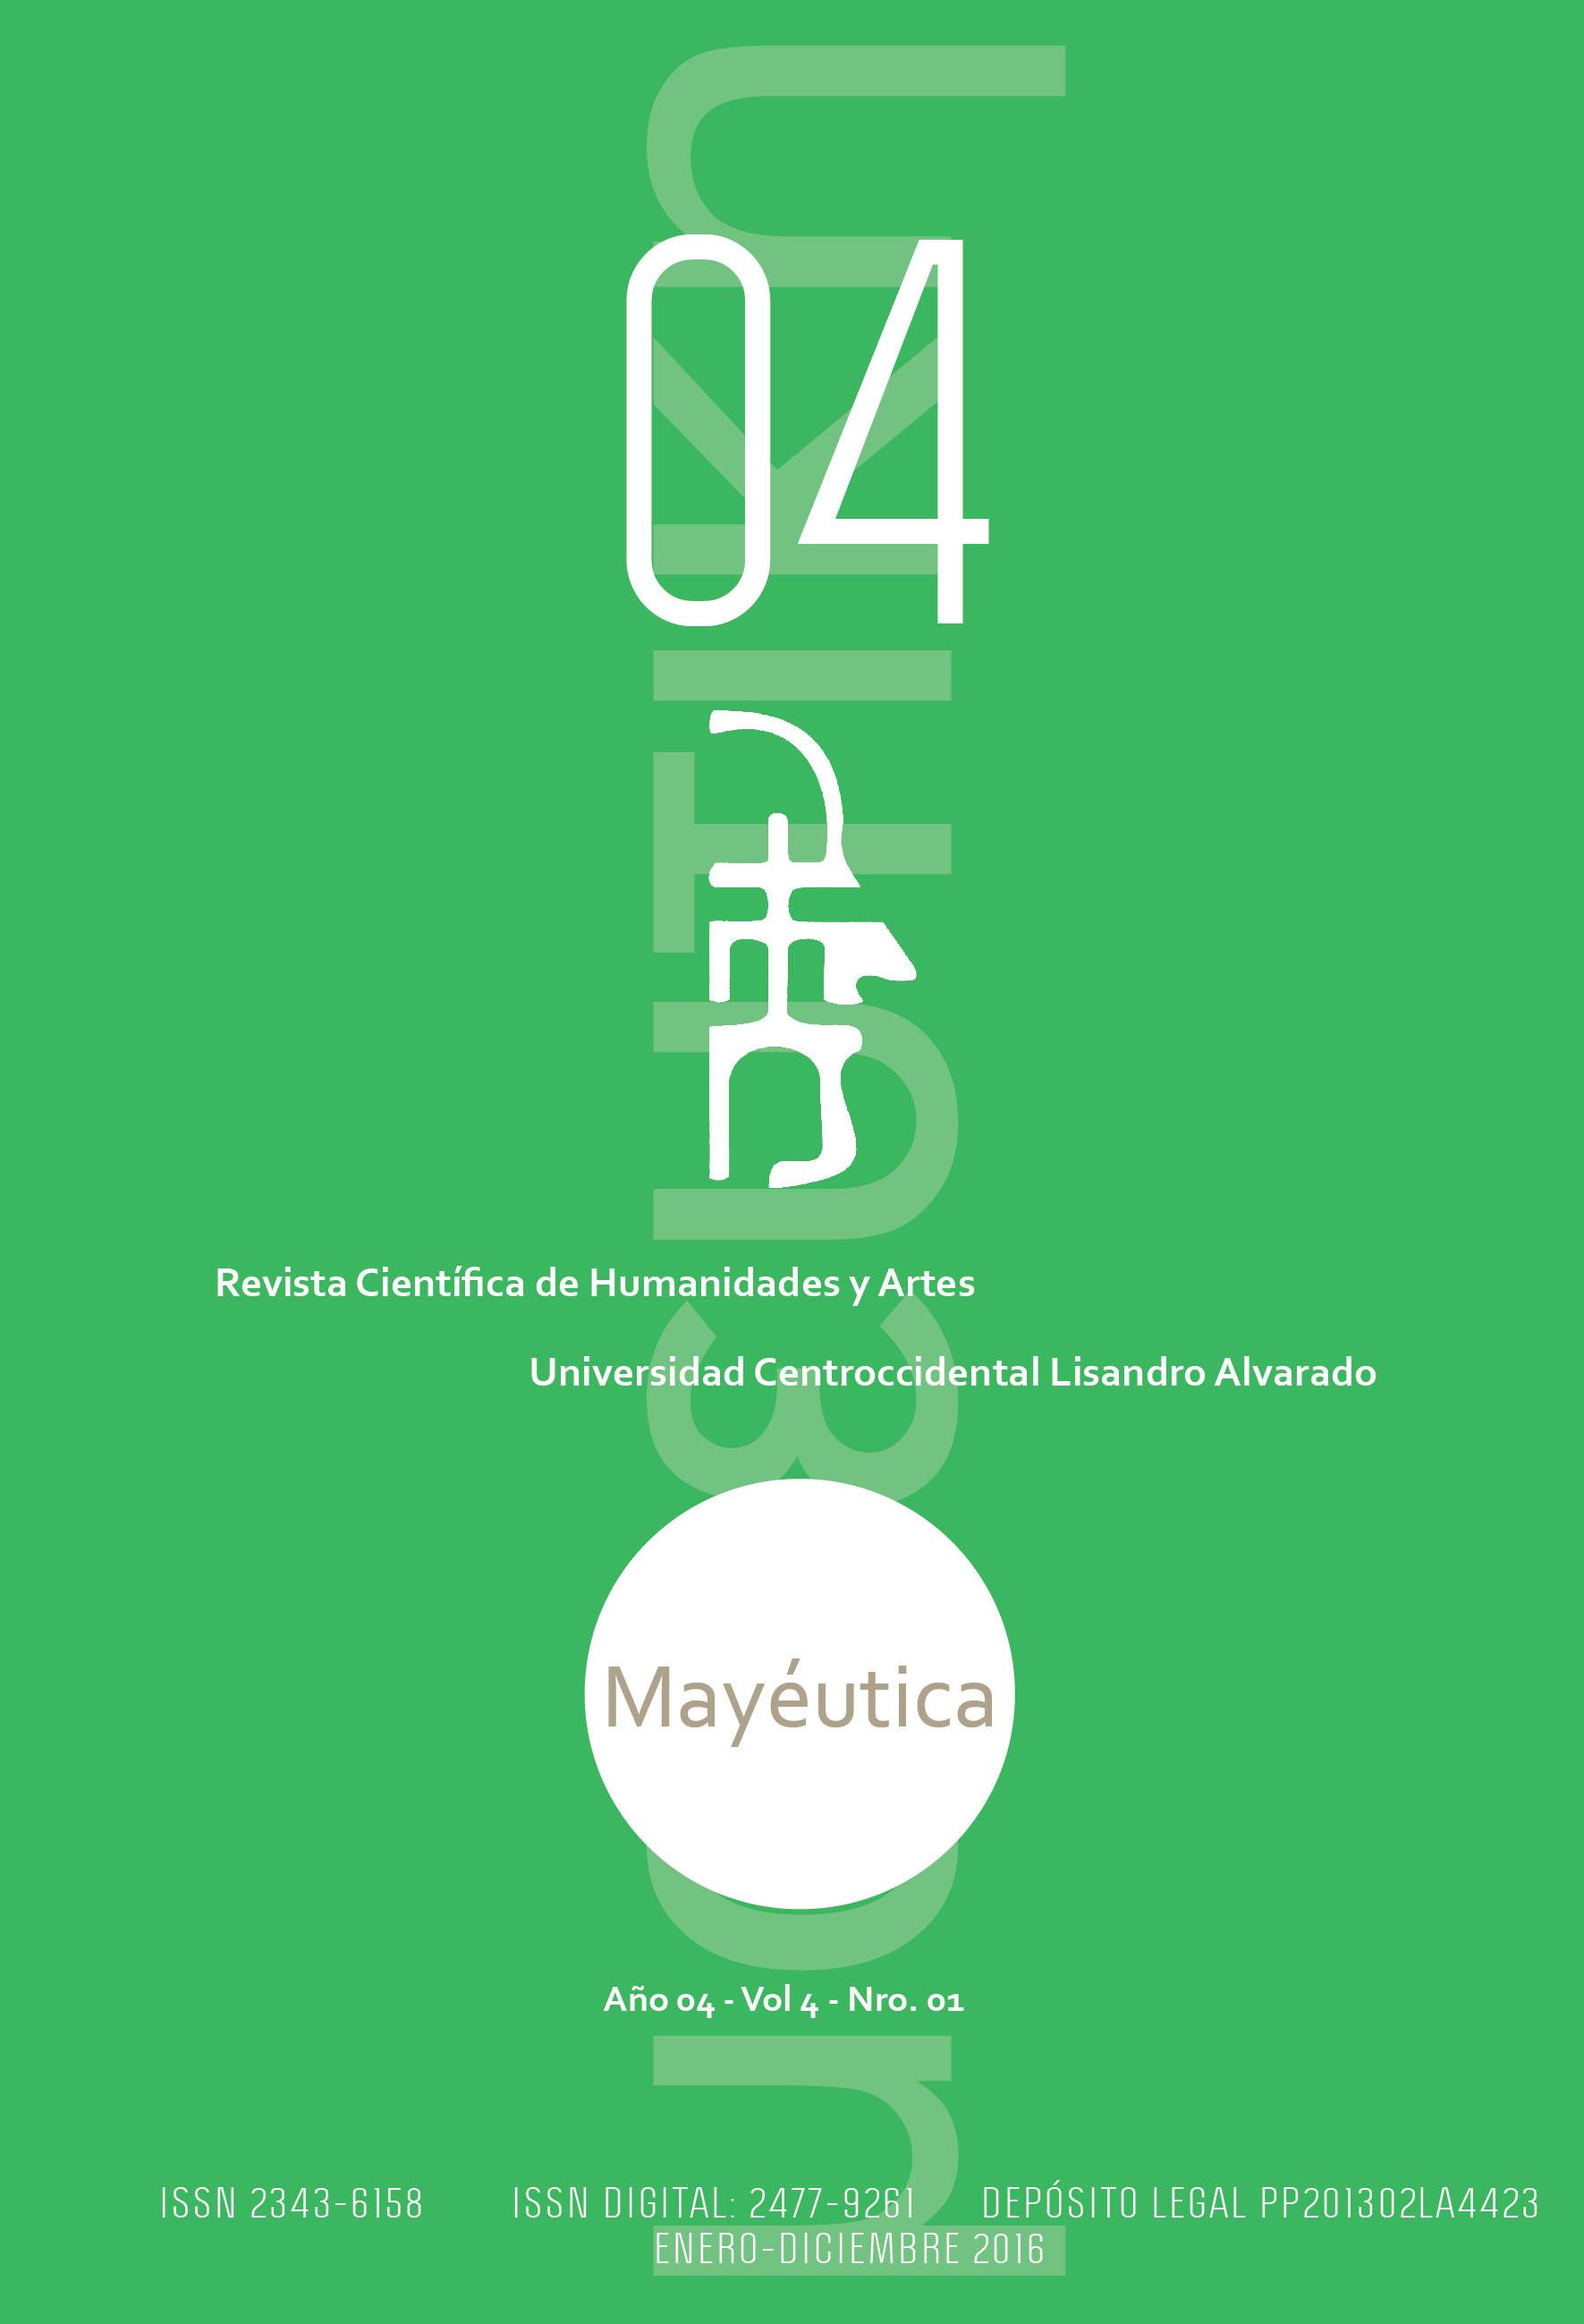 Mayéutica Revista Científica de Humanidades y Artes. Volumen 4